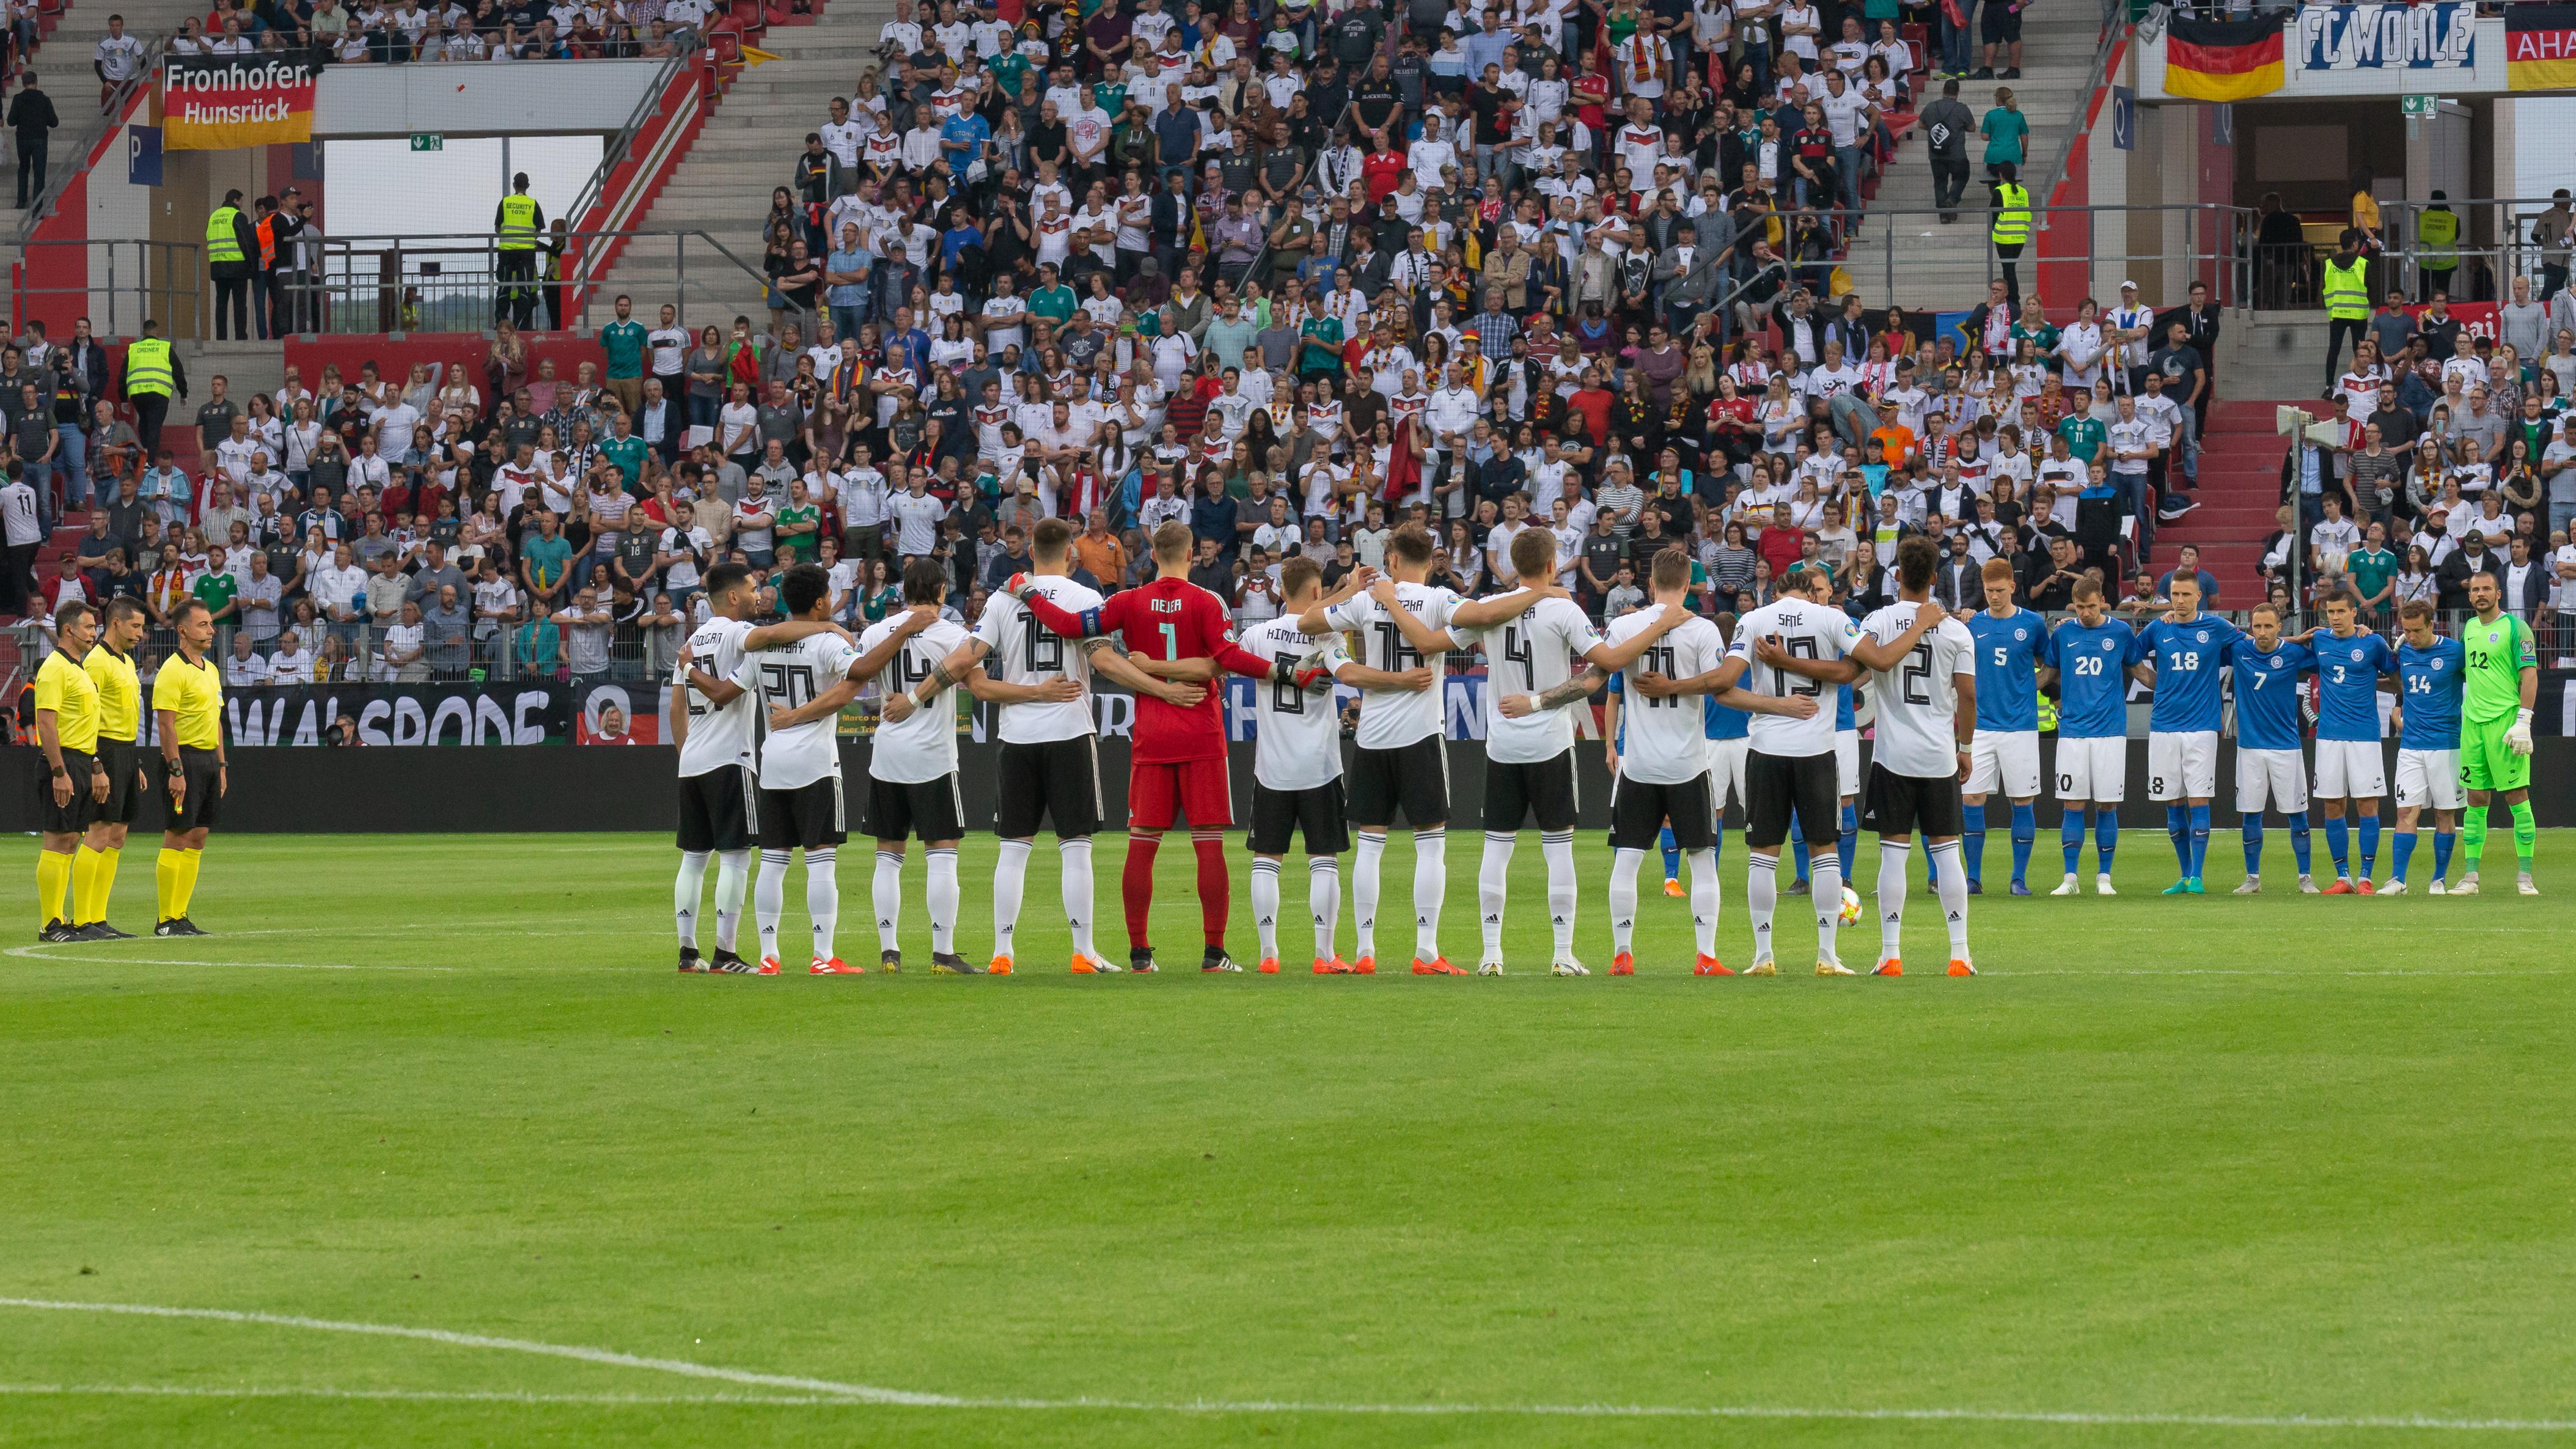 File:2019-06-11 Fußball, Männer, Länderspiel, Deutschland-Estland StP 2116 LR10 by Stepro.jpg